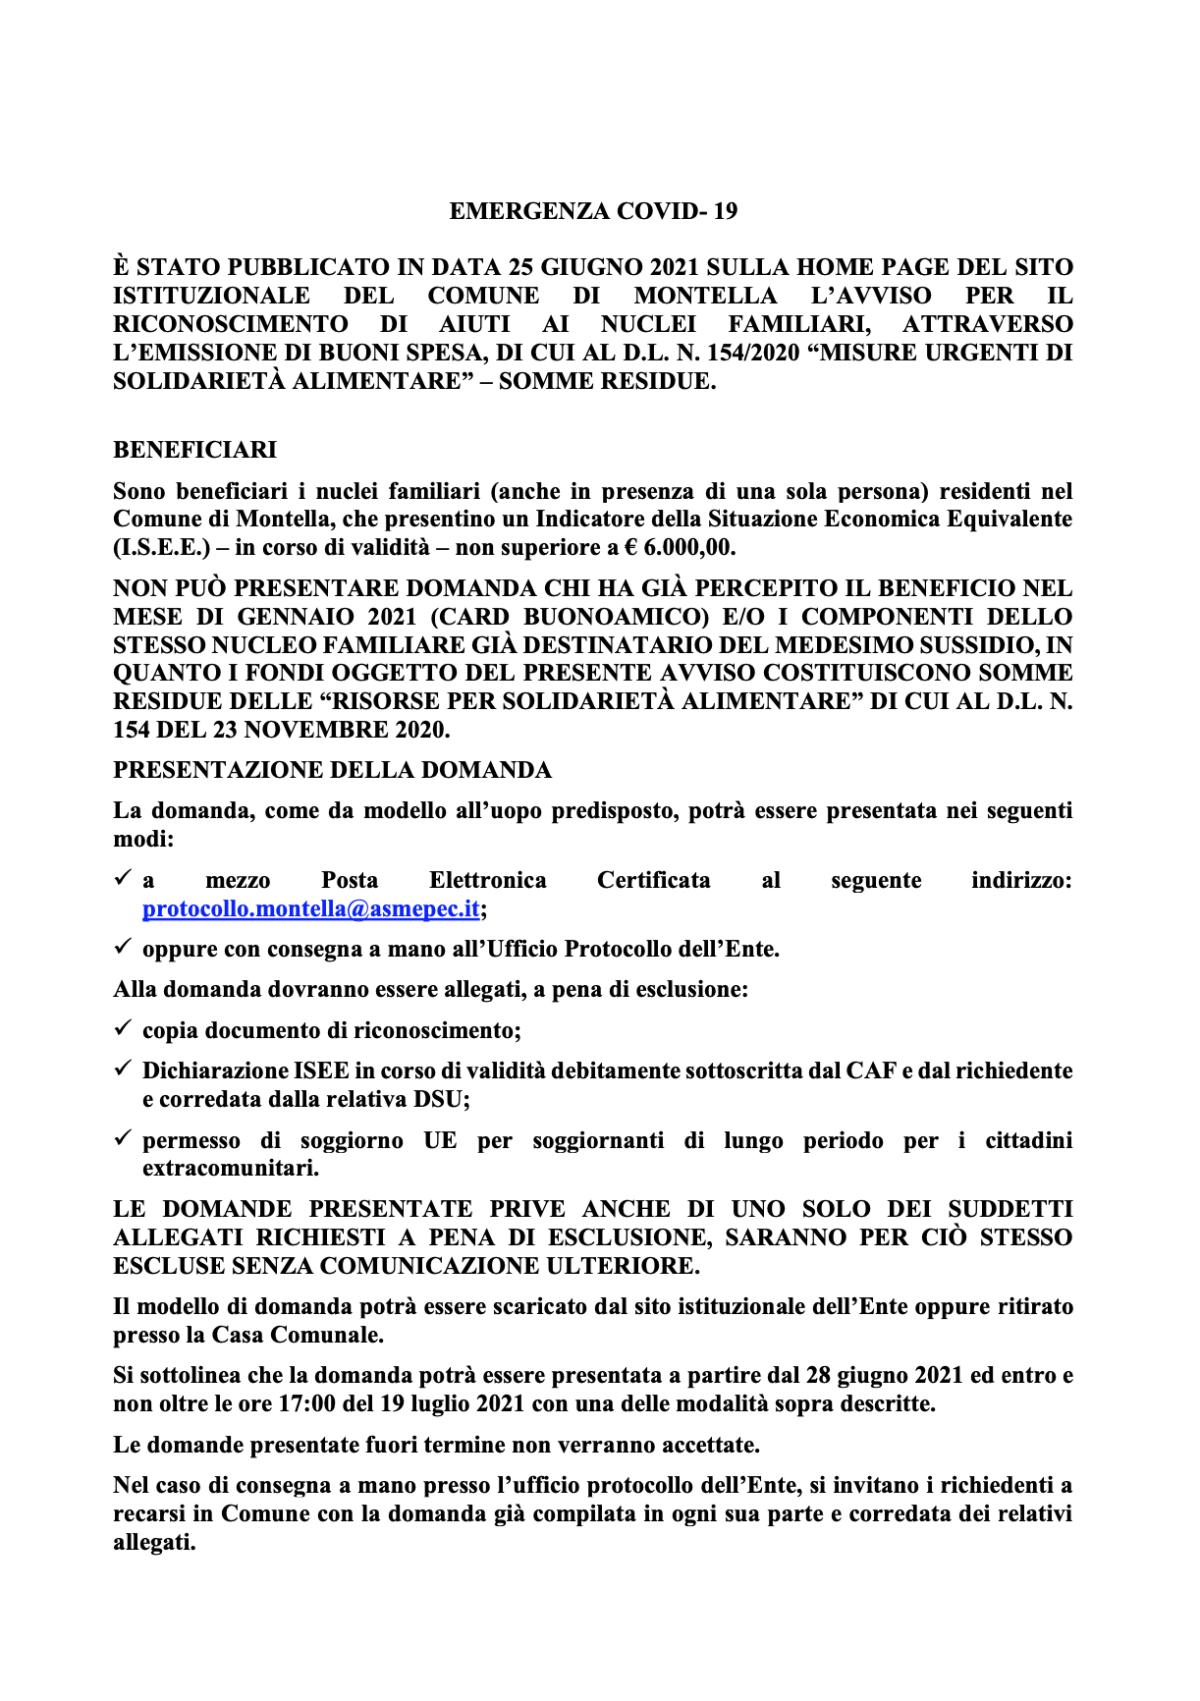 Covid-19: AIUTI AI NUCLEI FAMILIARI, ATTRAVERSO L'EMISSIONE DI BUONI SPESA